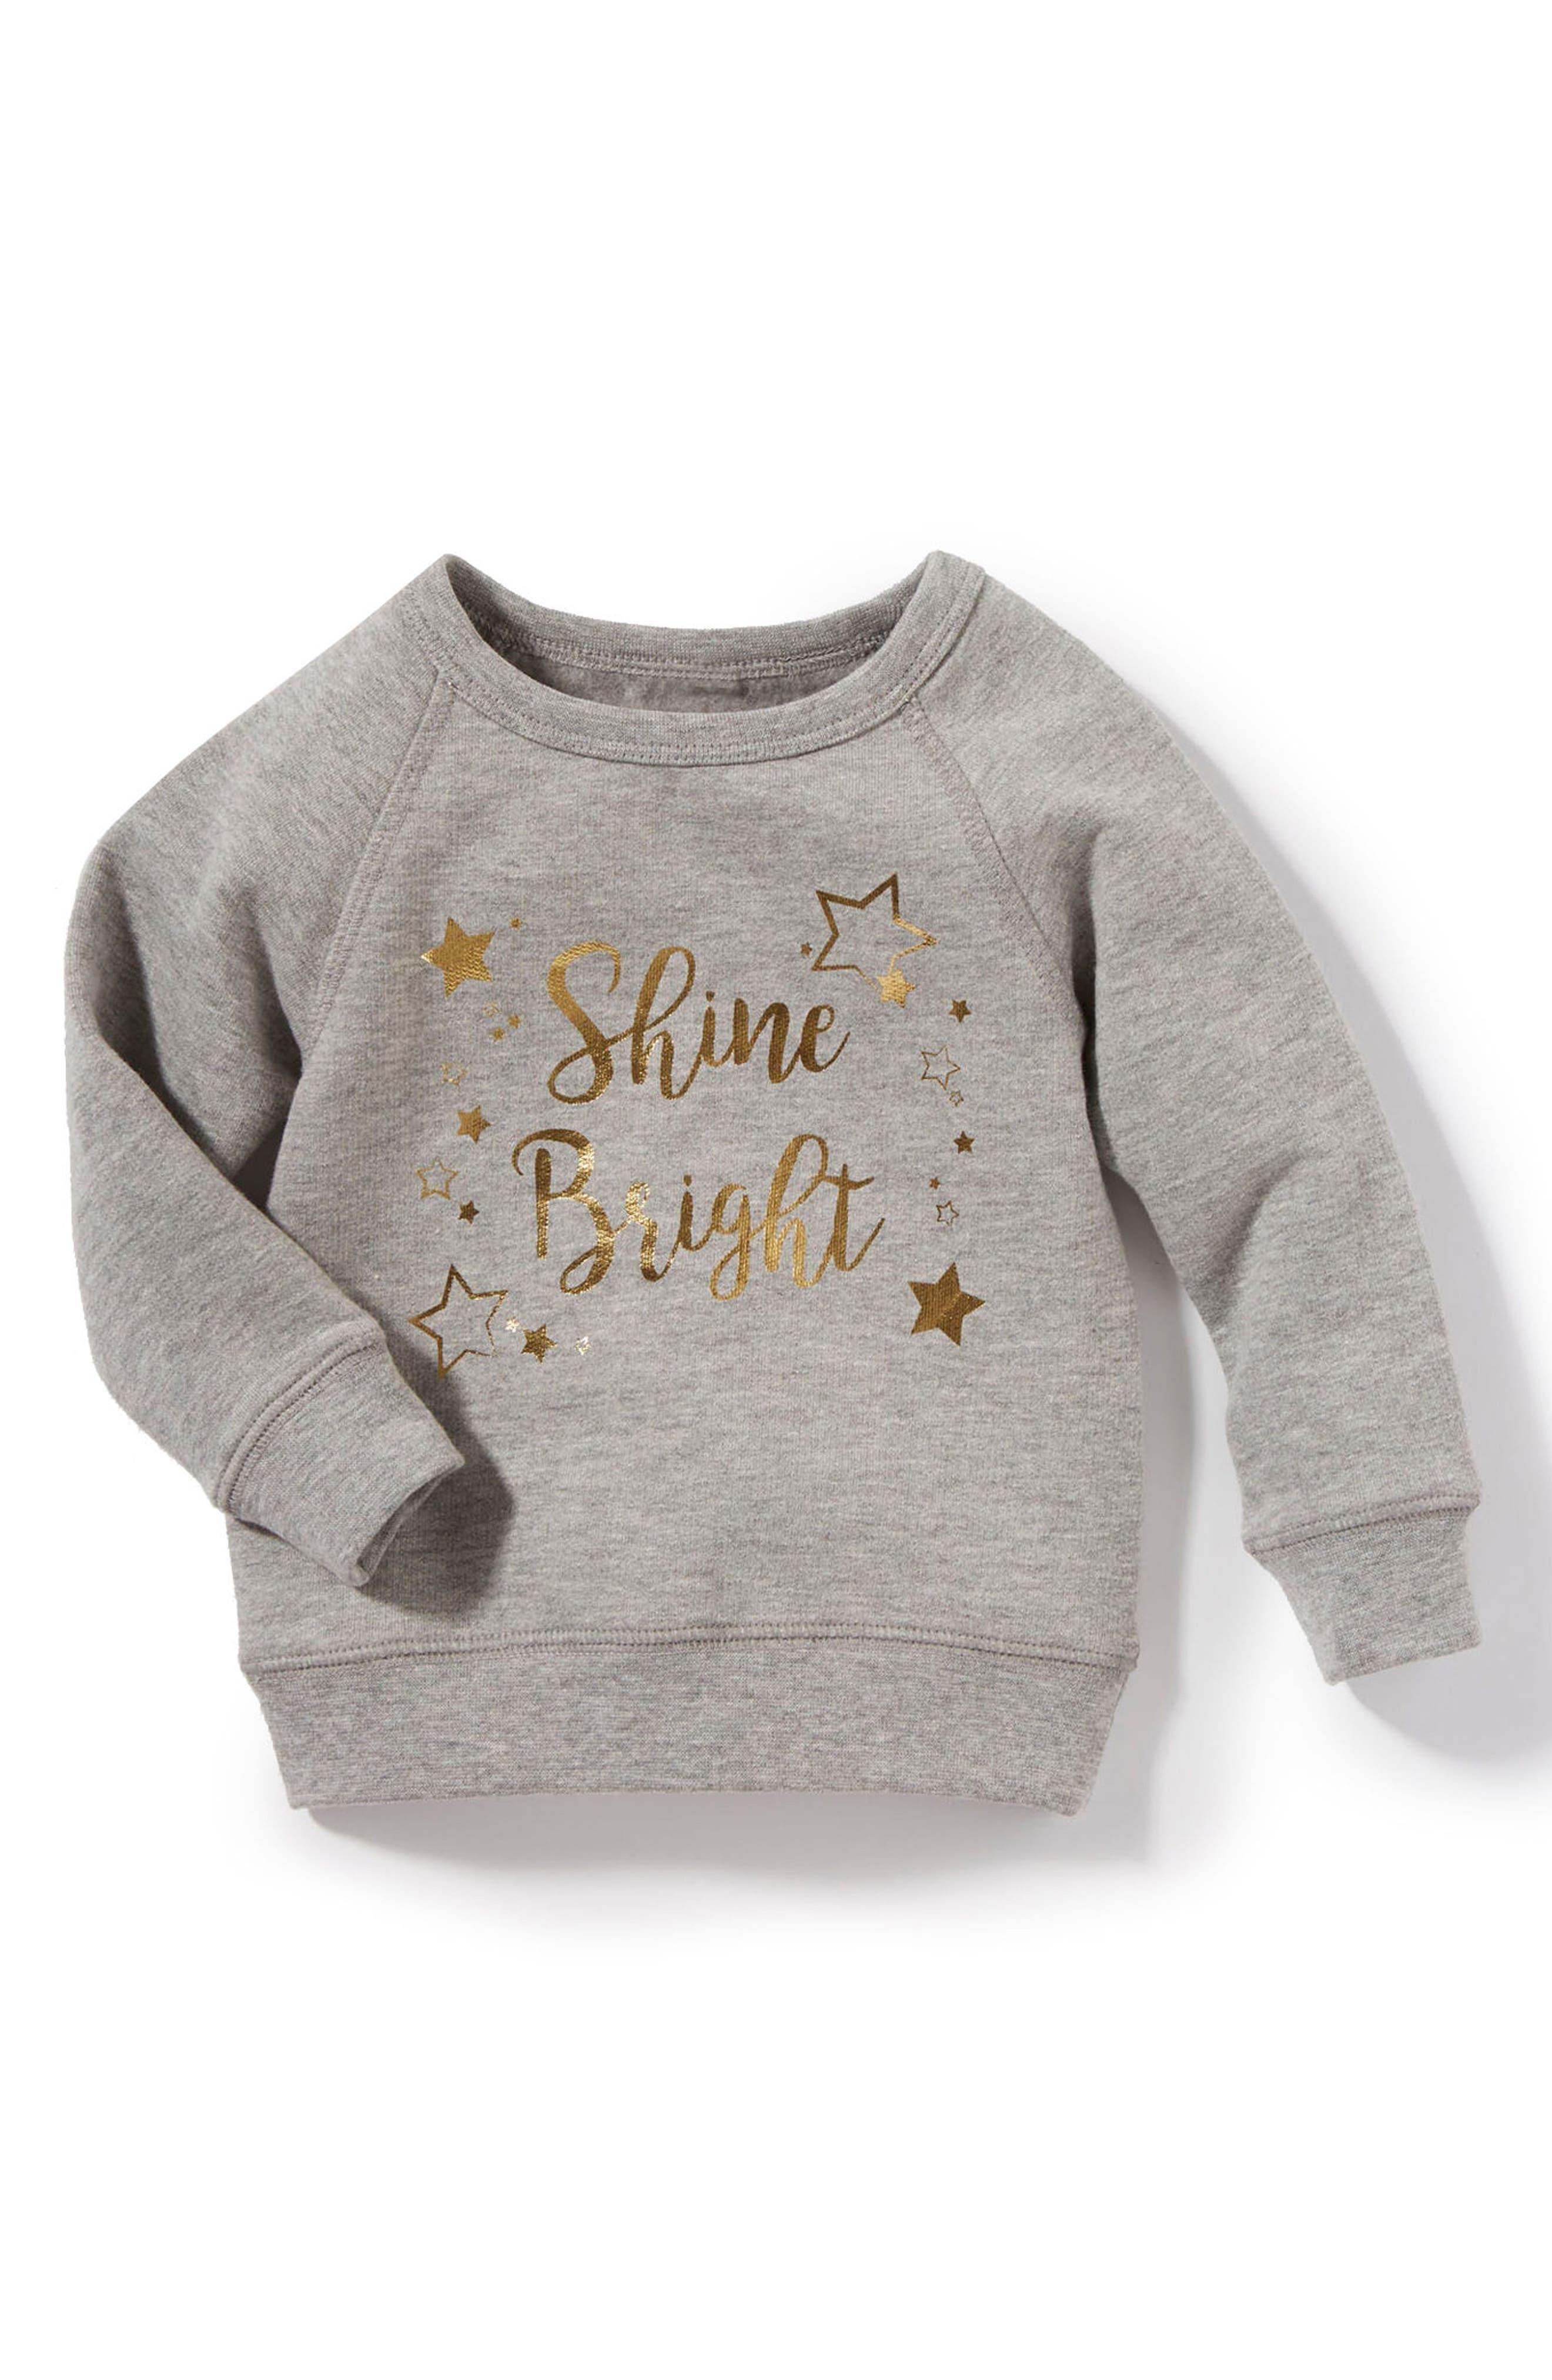 Peek Shine Bright Sweatshirt (Baby Girls)